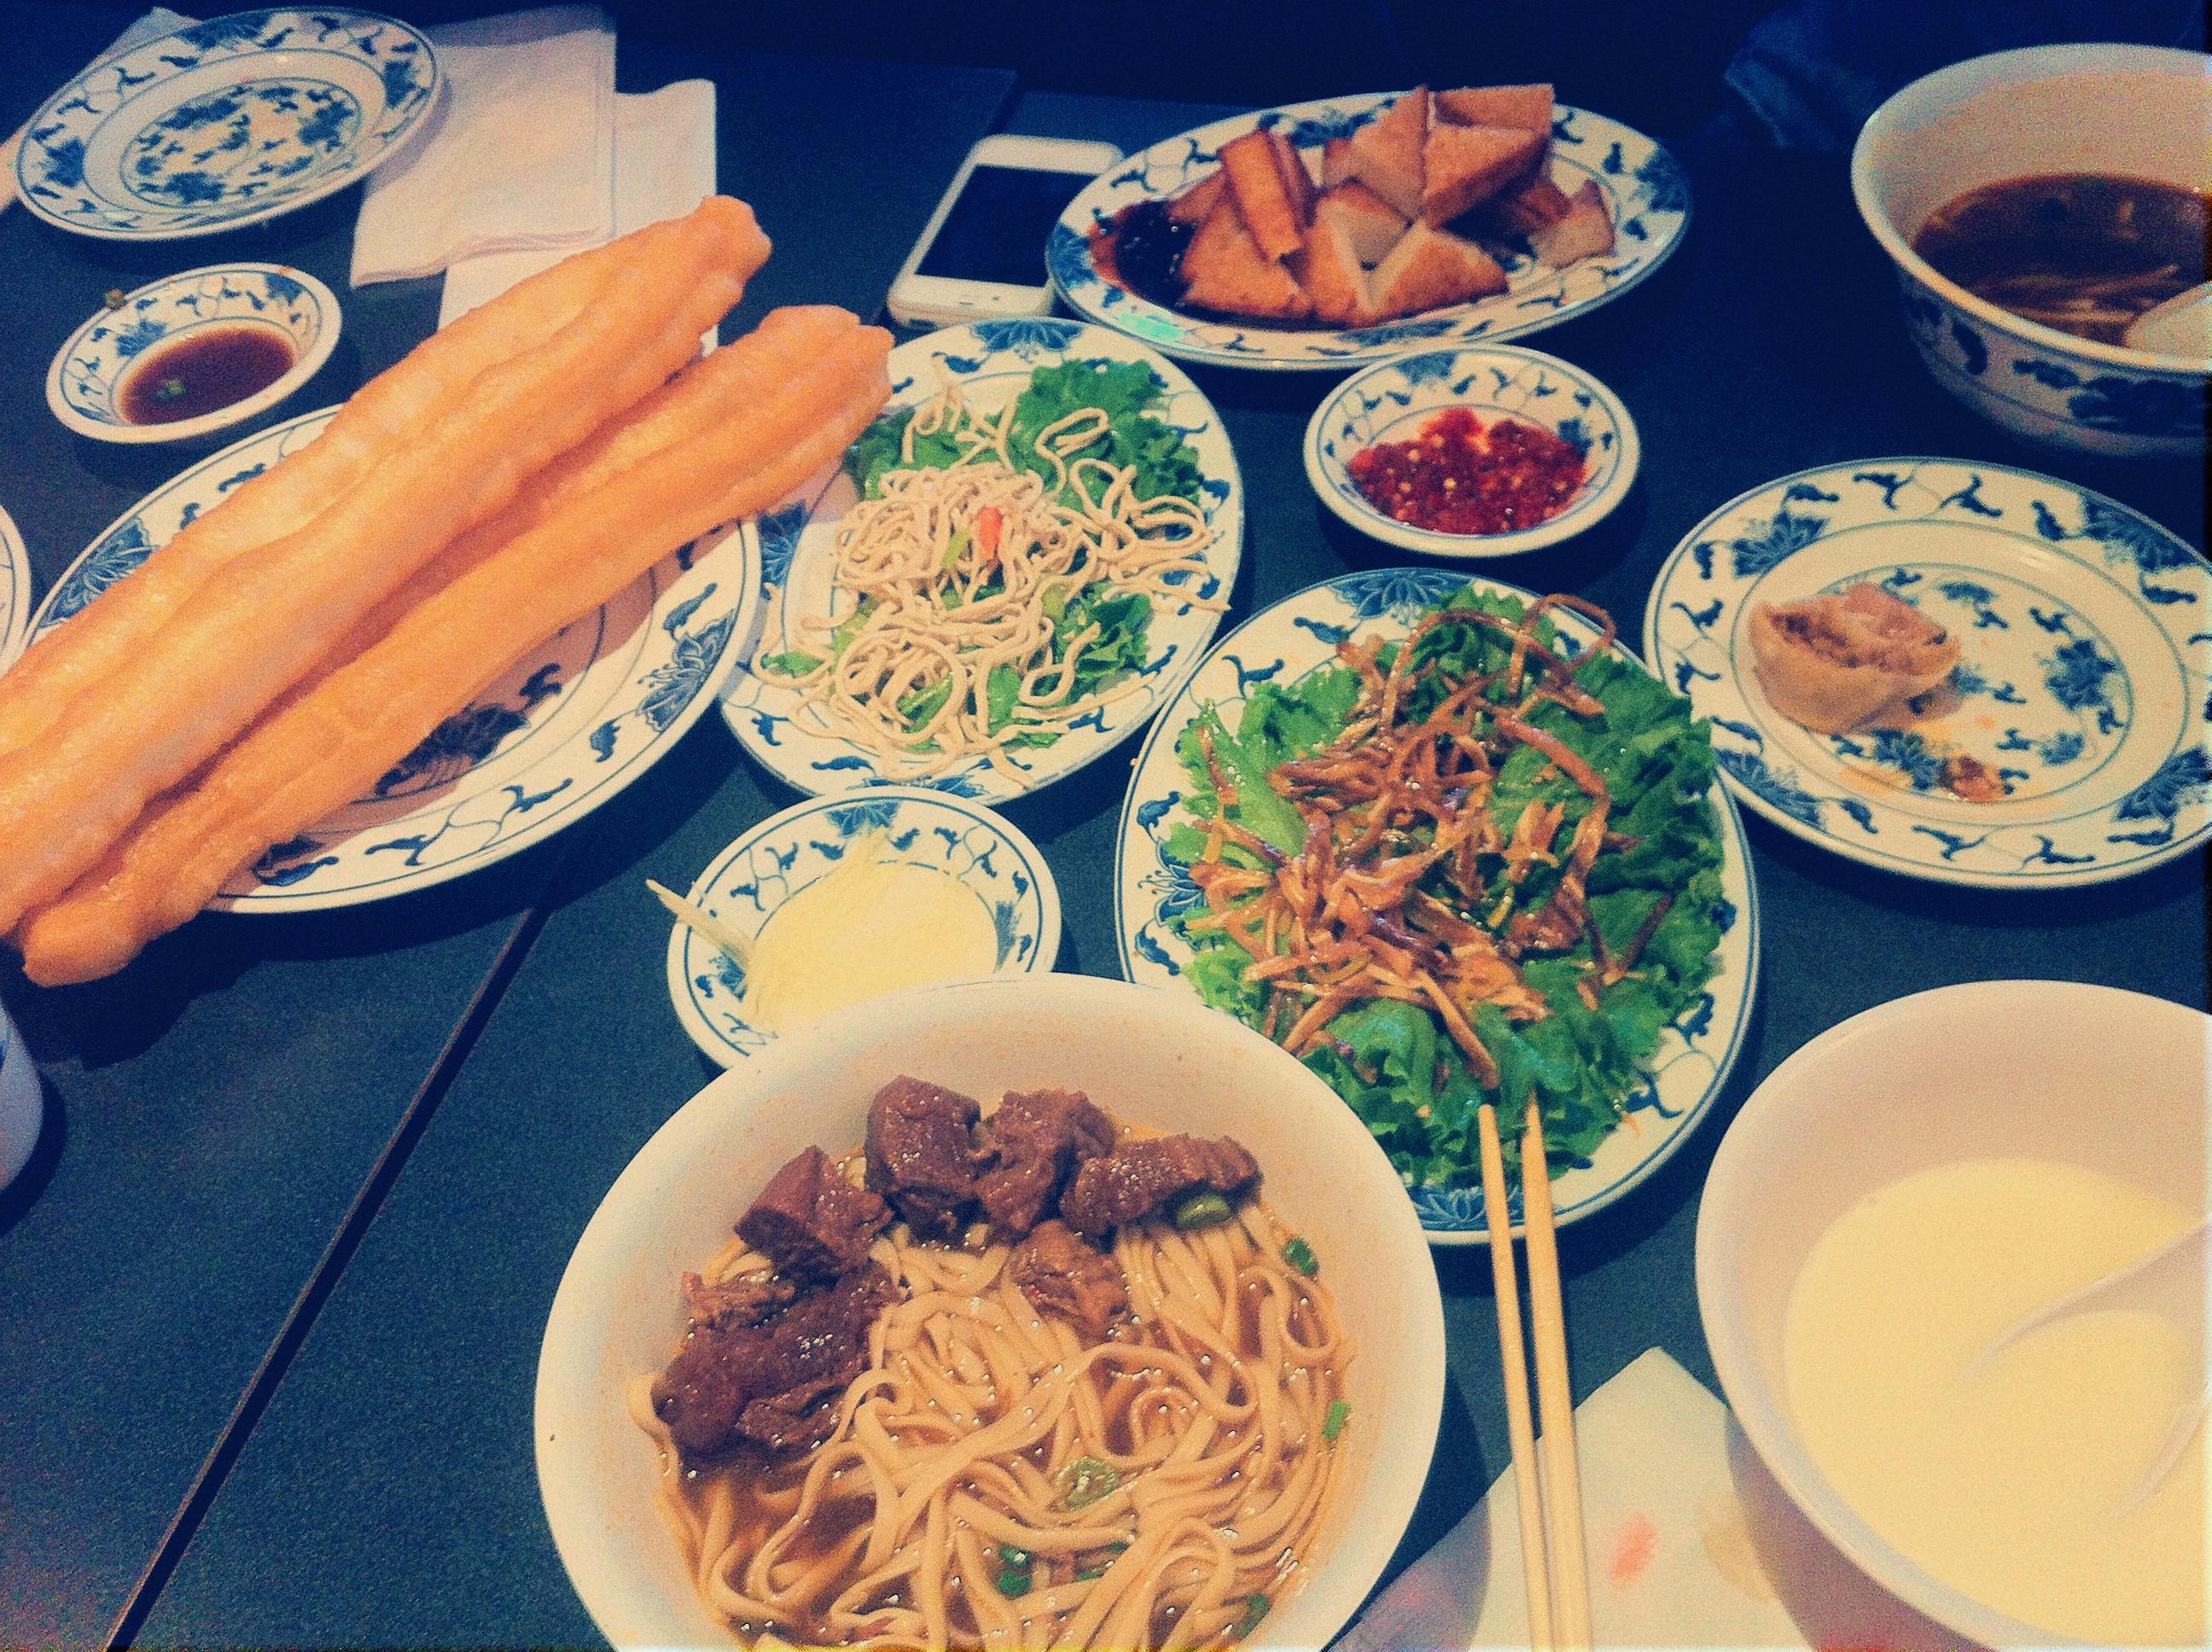 中興園 Chung Shin Yuan - 久违的早餐 家乡的味道